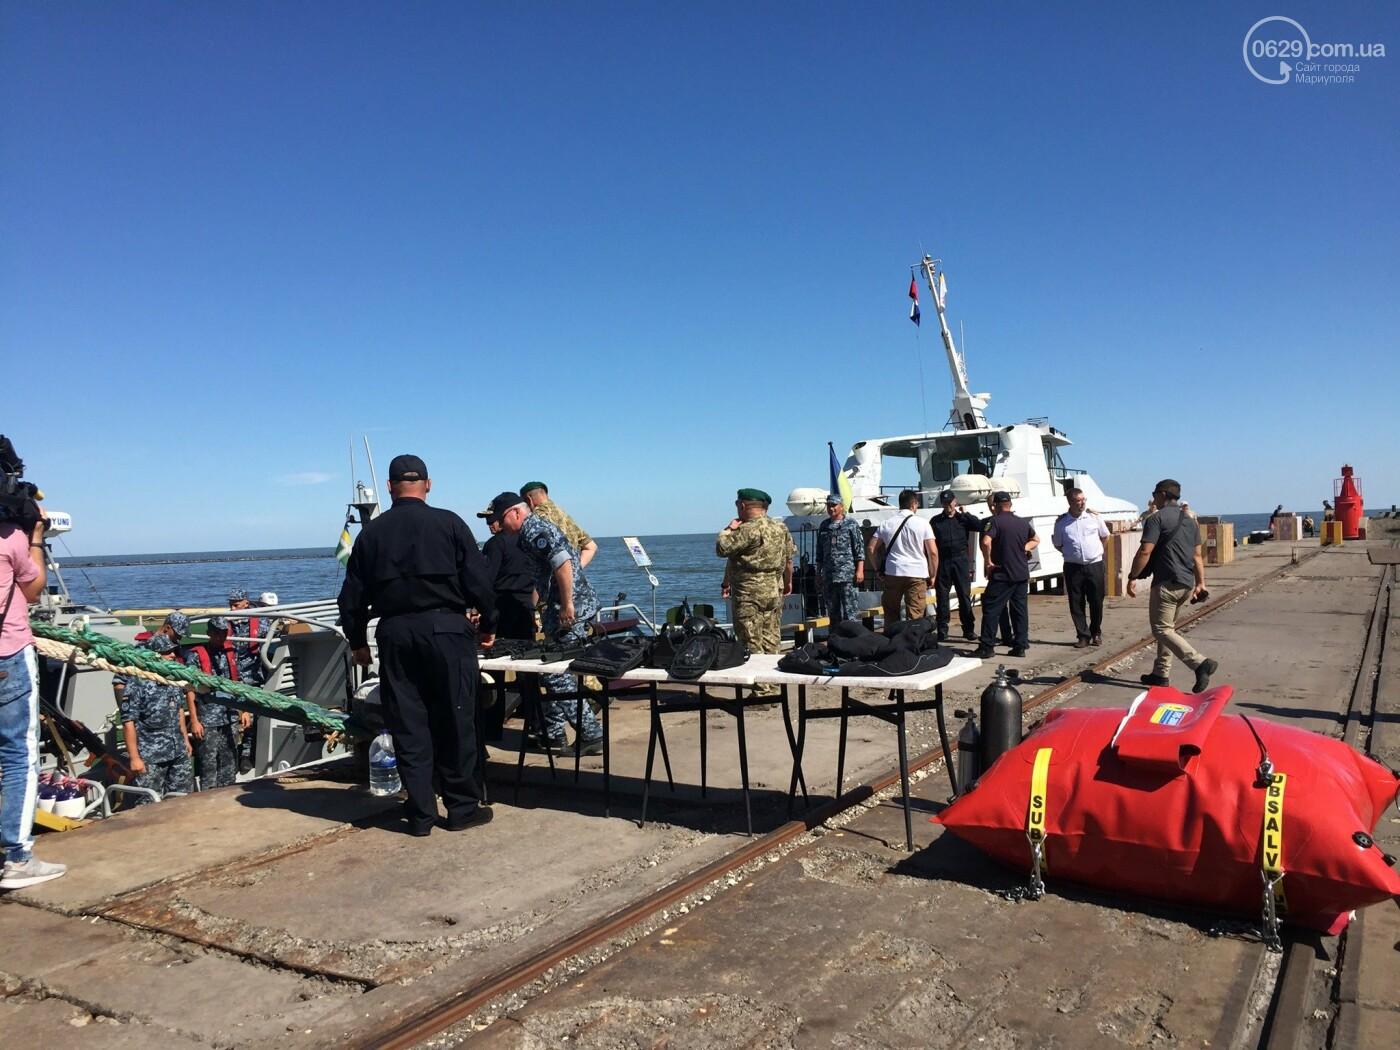 Президент увидел, как в мариупольский порт зашли контрабандисты, -ФОТО, ВИДЕО, фото-4